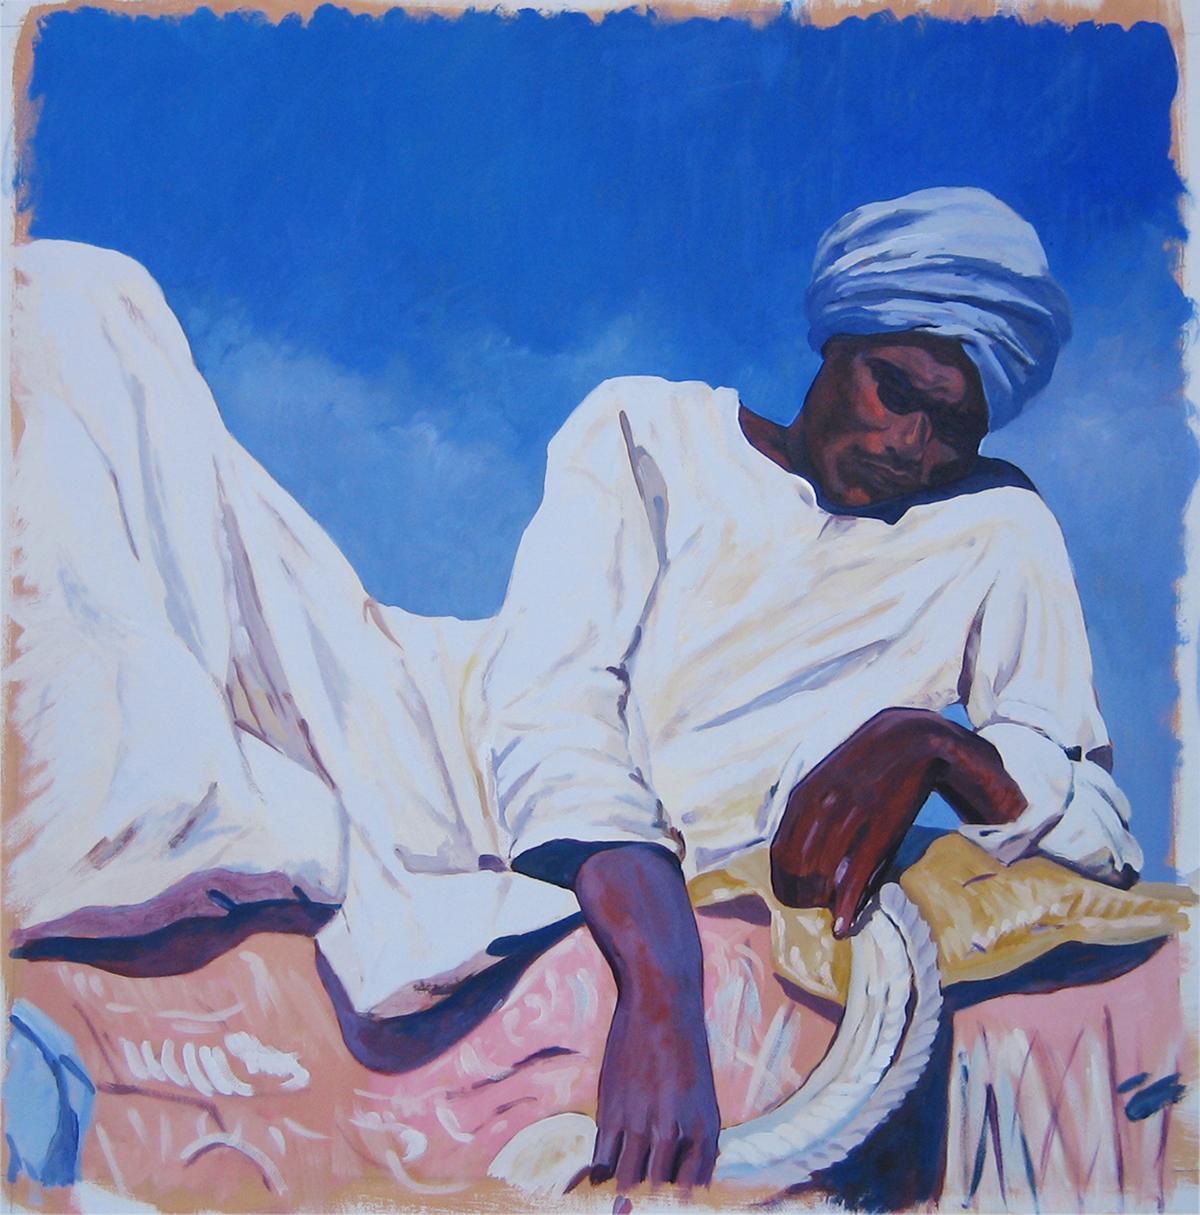 N.250 quadri ispirati a Majorelle Albergo Ifrane Marocco Tecnica mista. Colorazione ad acrilico su tela. Mq 200